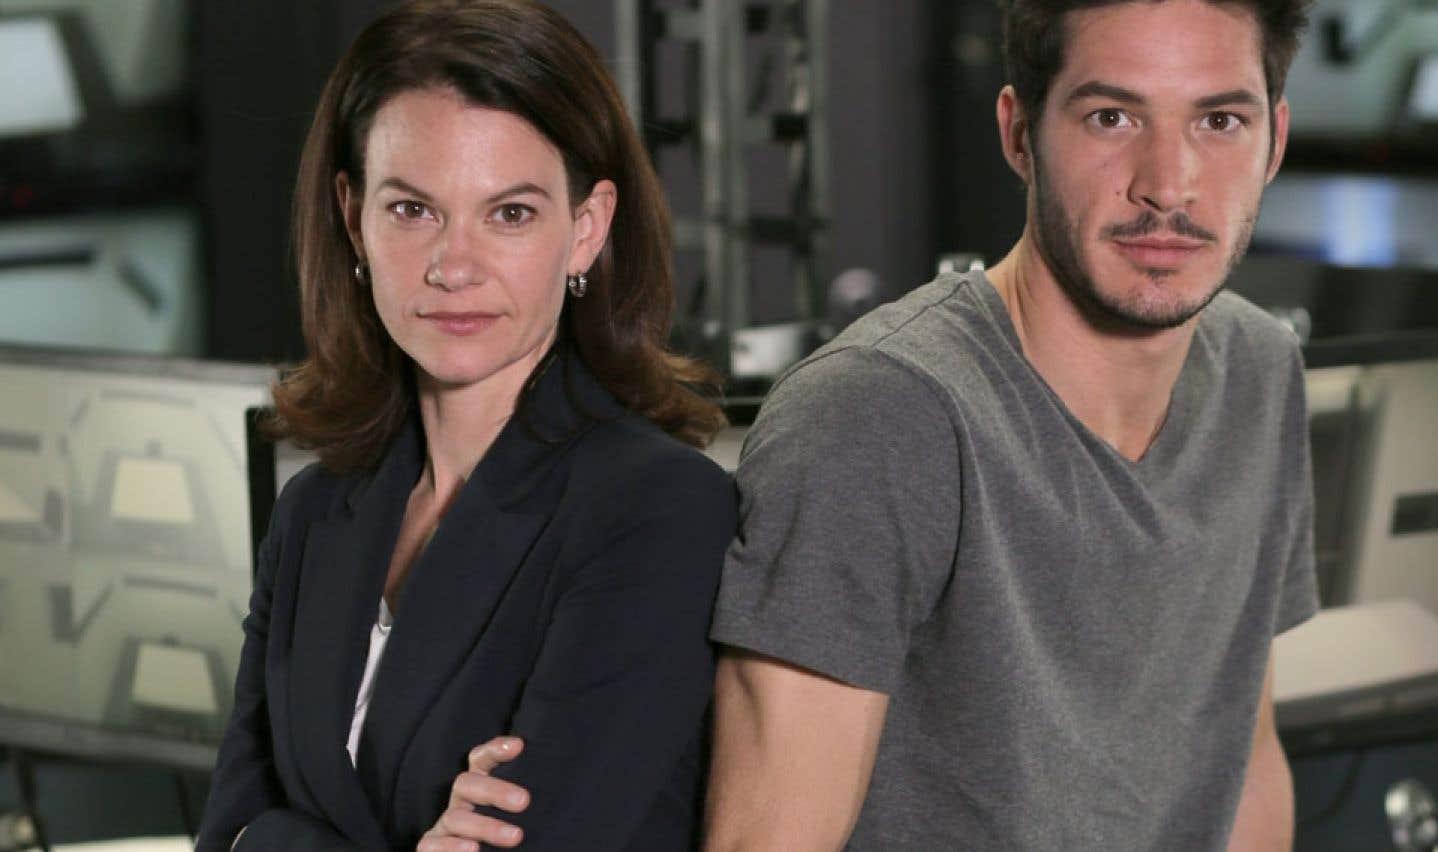 Mensonges met en vedette deux spécialistes de l'interrogatoire joués par Fanny Mallette et Éric Bruneau.